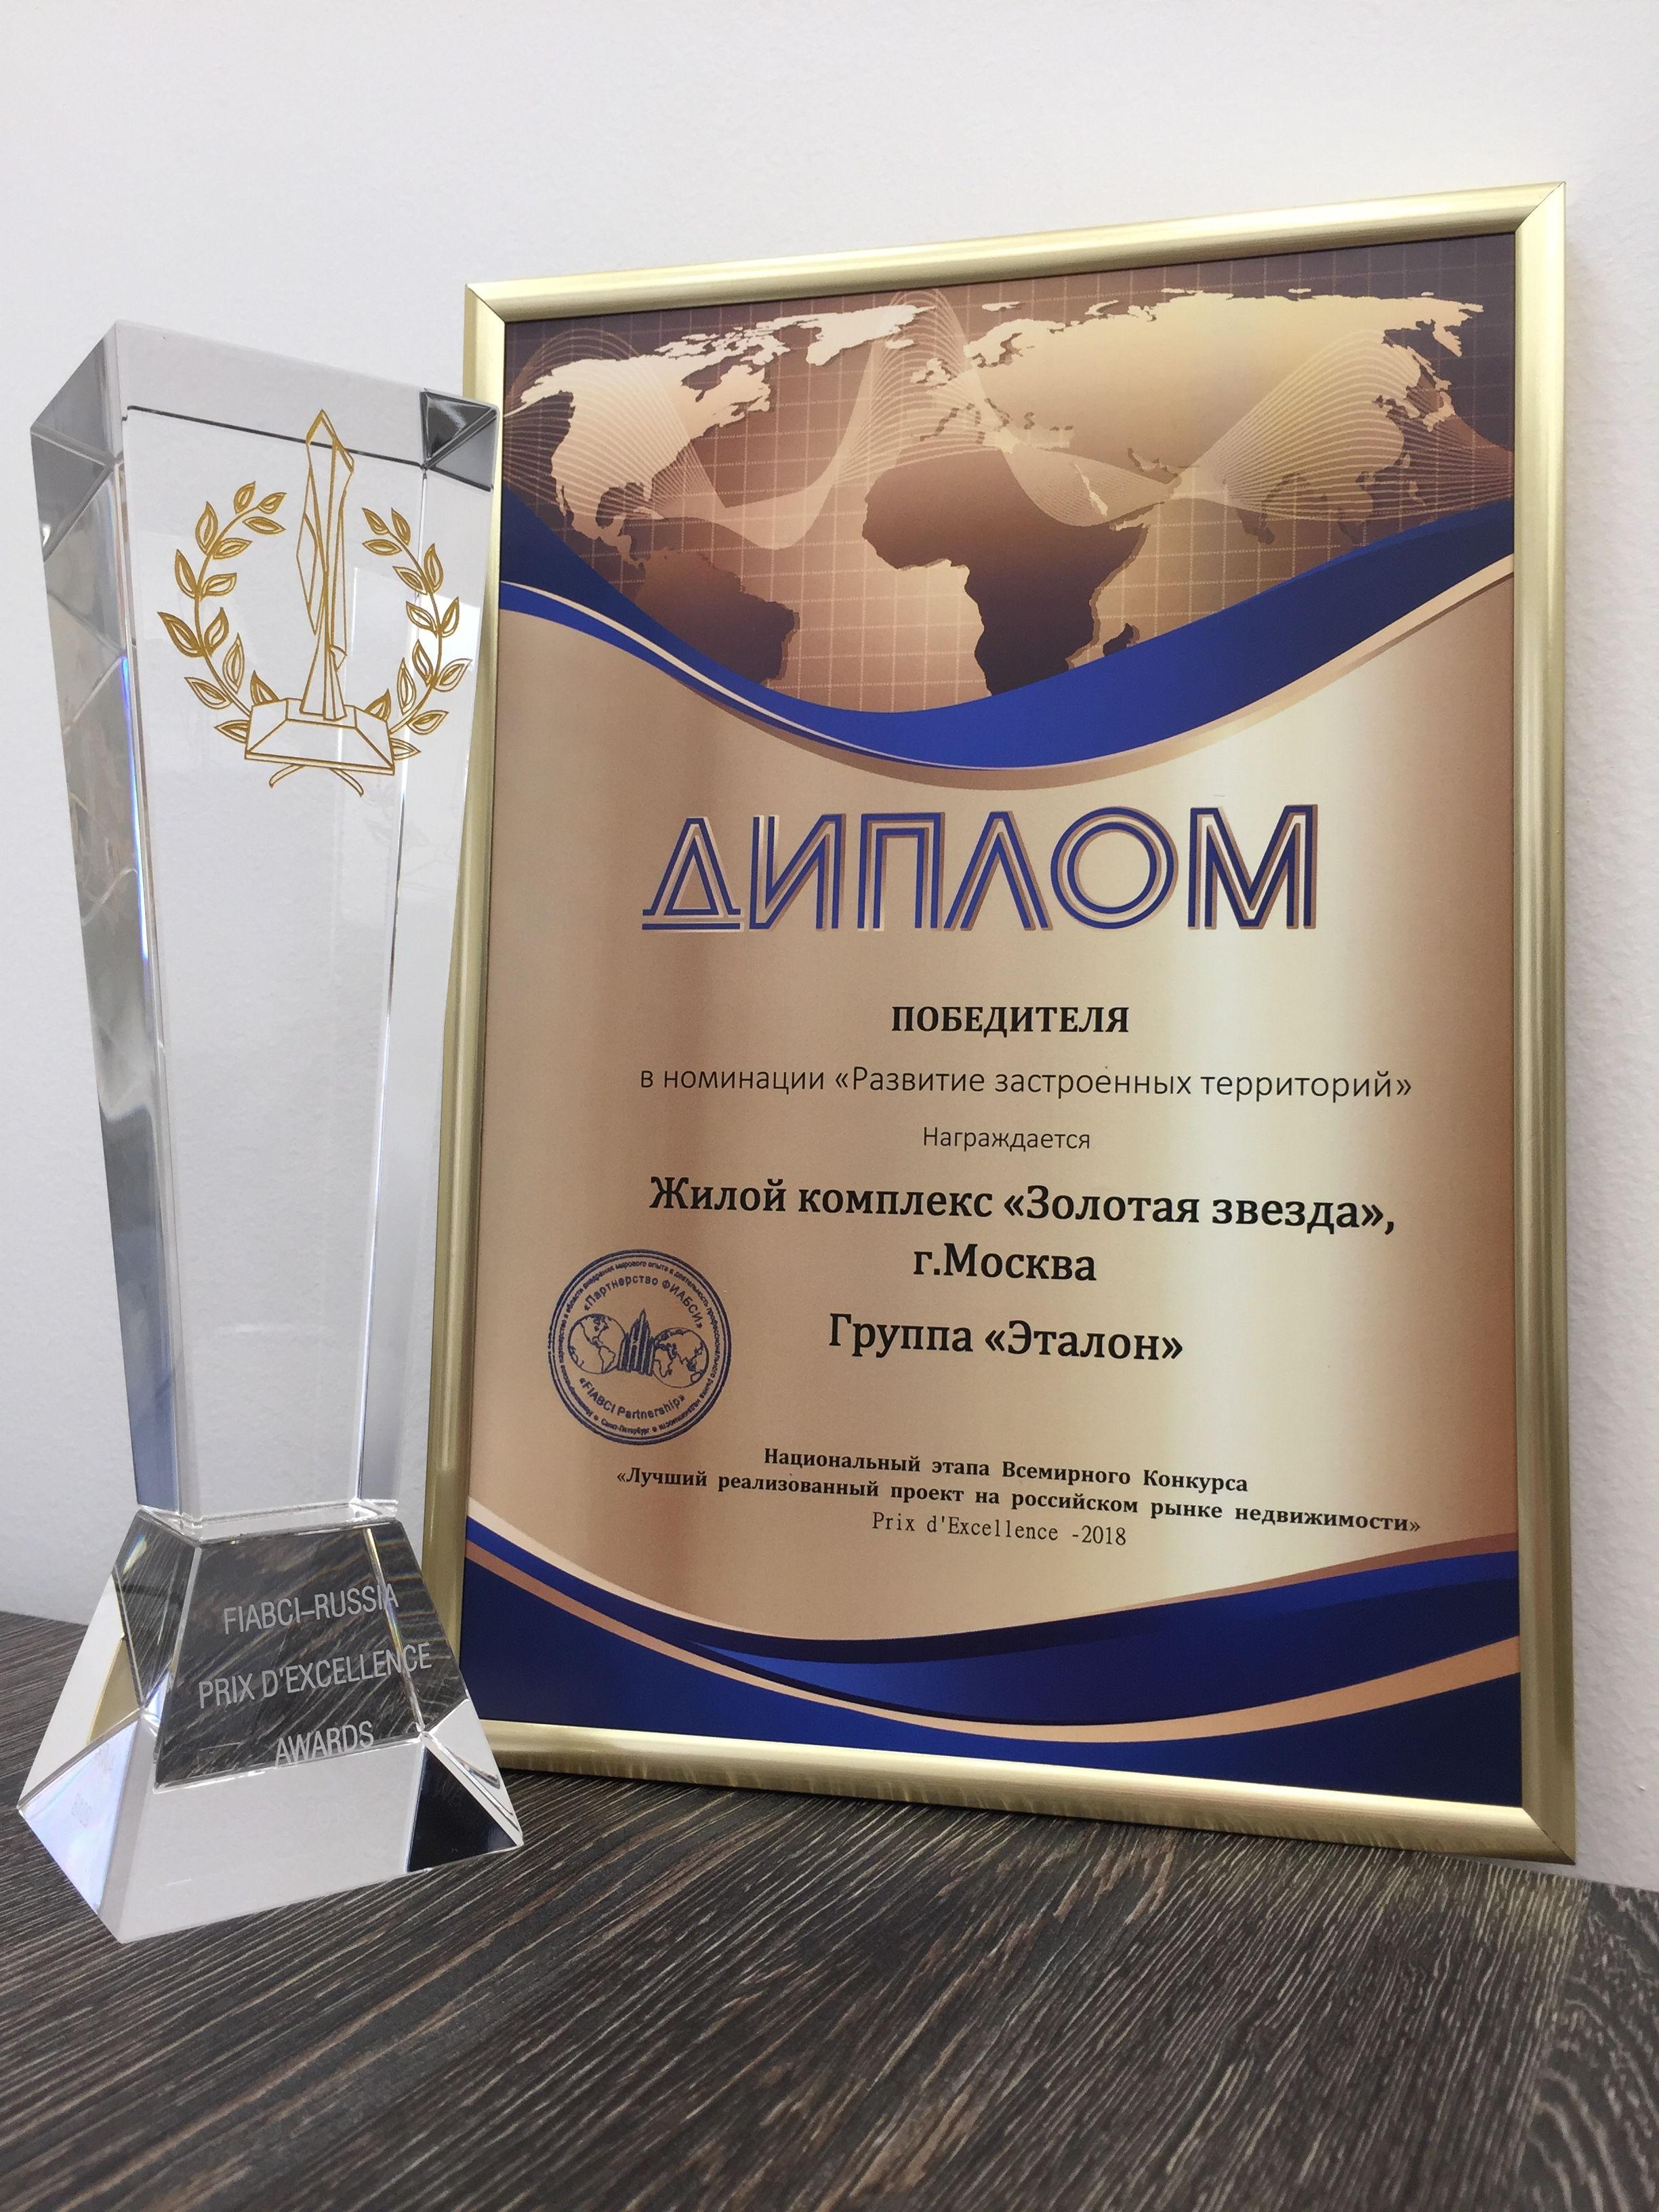 ЖК «Золотая звезда» победил в конкурсе лучших девелоперских проектов FIABCI-Россия Fiiabc11